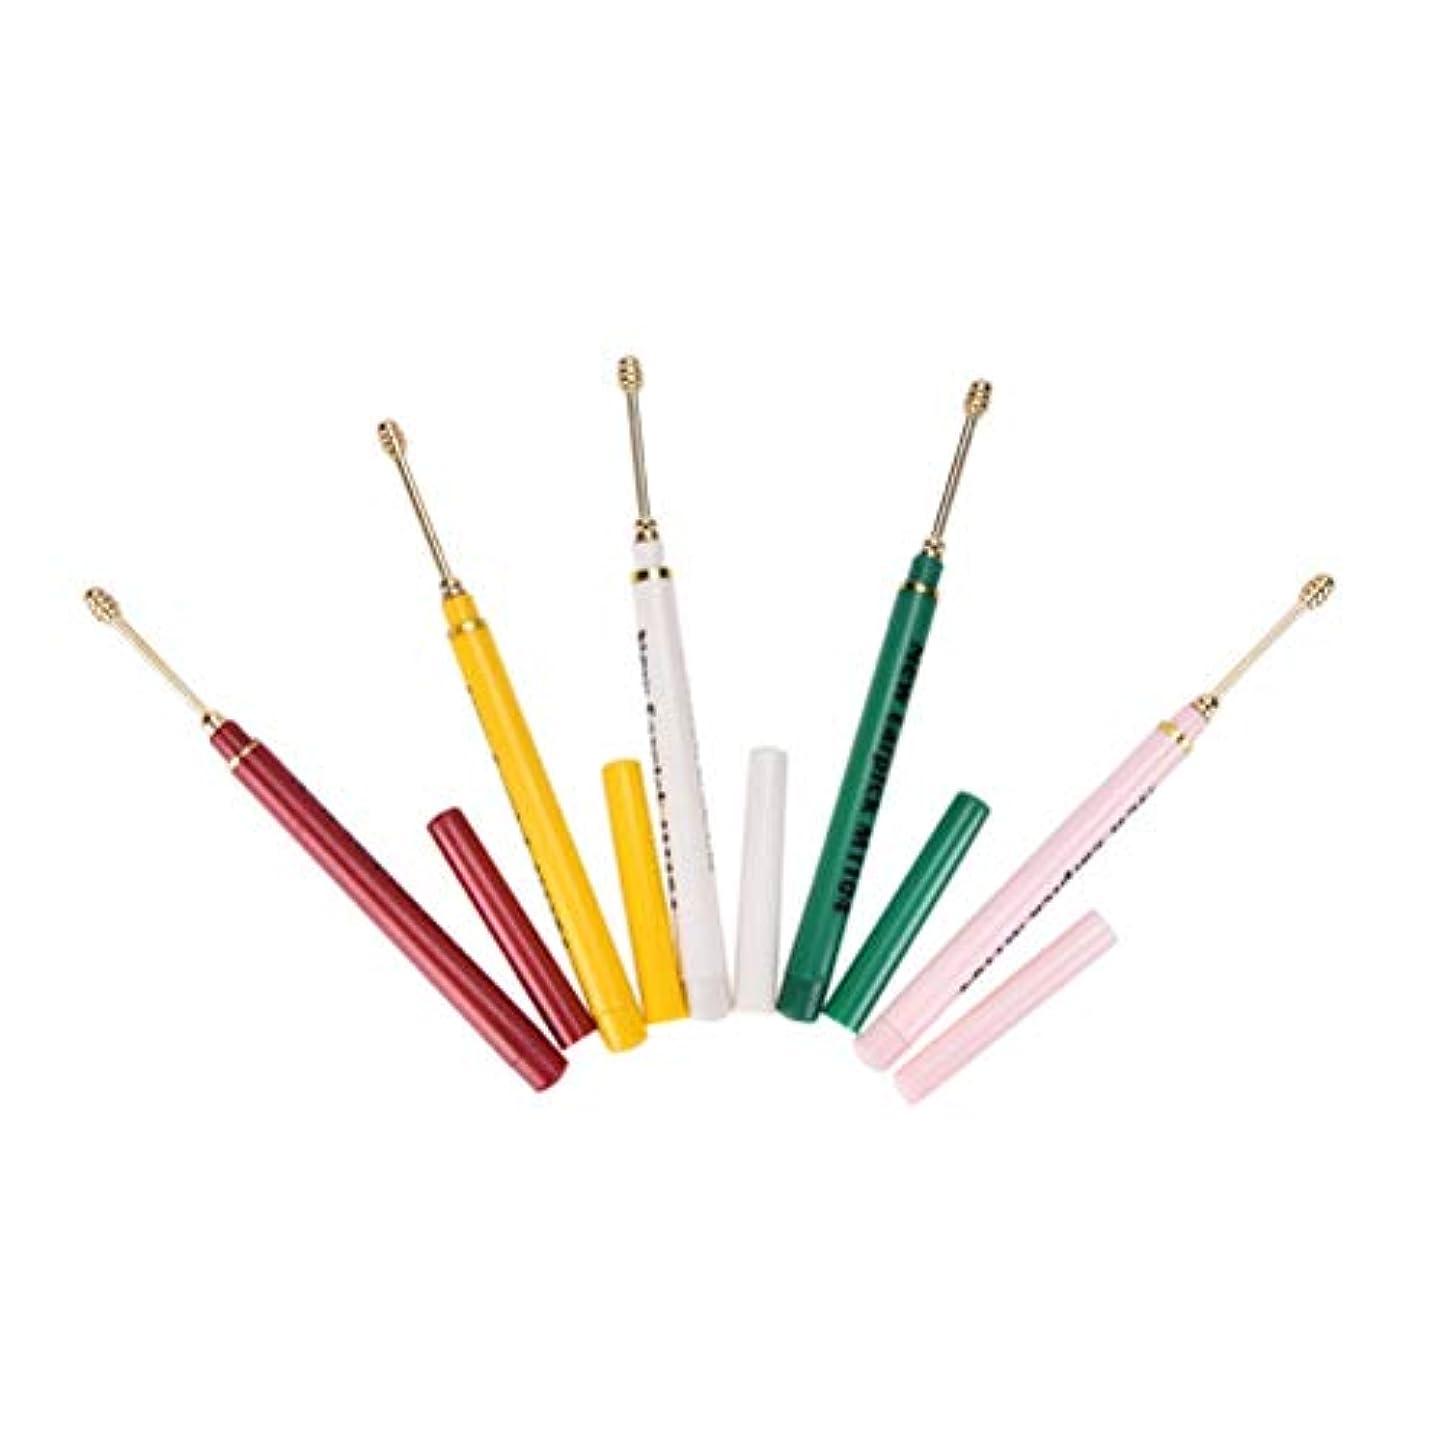 しおれた受け入れたラオス人ZHQI-GH ランダムカラー2ピースイヤホンスプーンツールクリーン耳ワックスキュレットリムーバーヘルスケアカラフルなギフト (色 : Multi-colored)